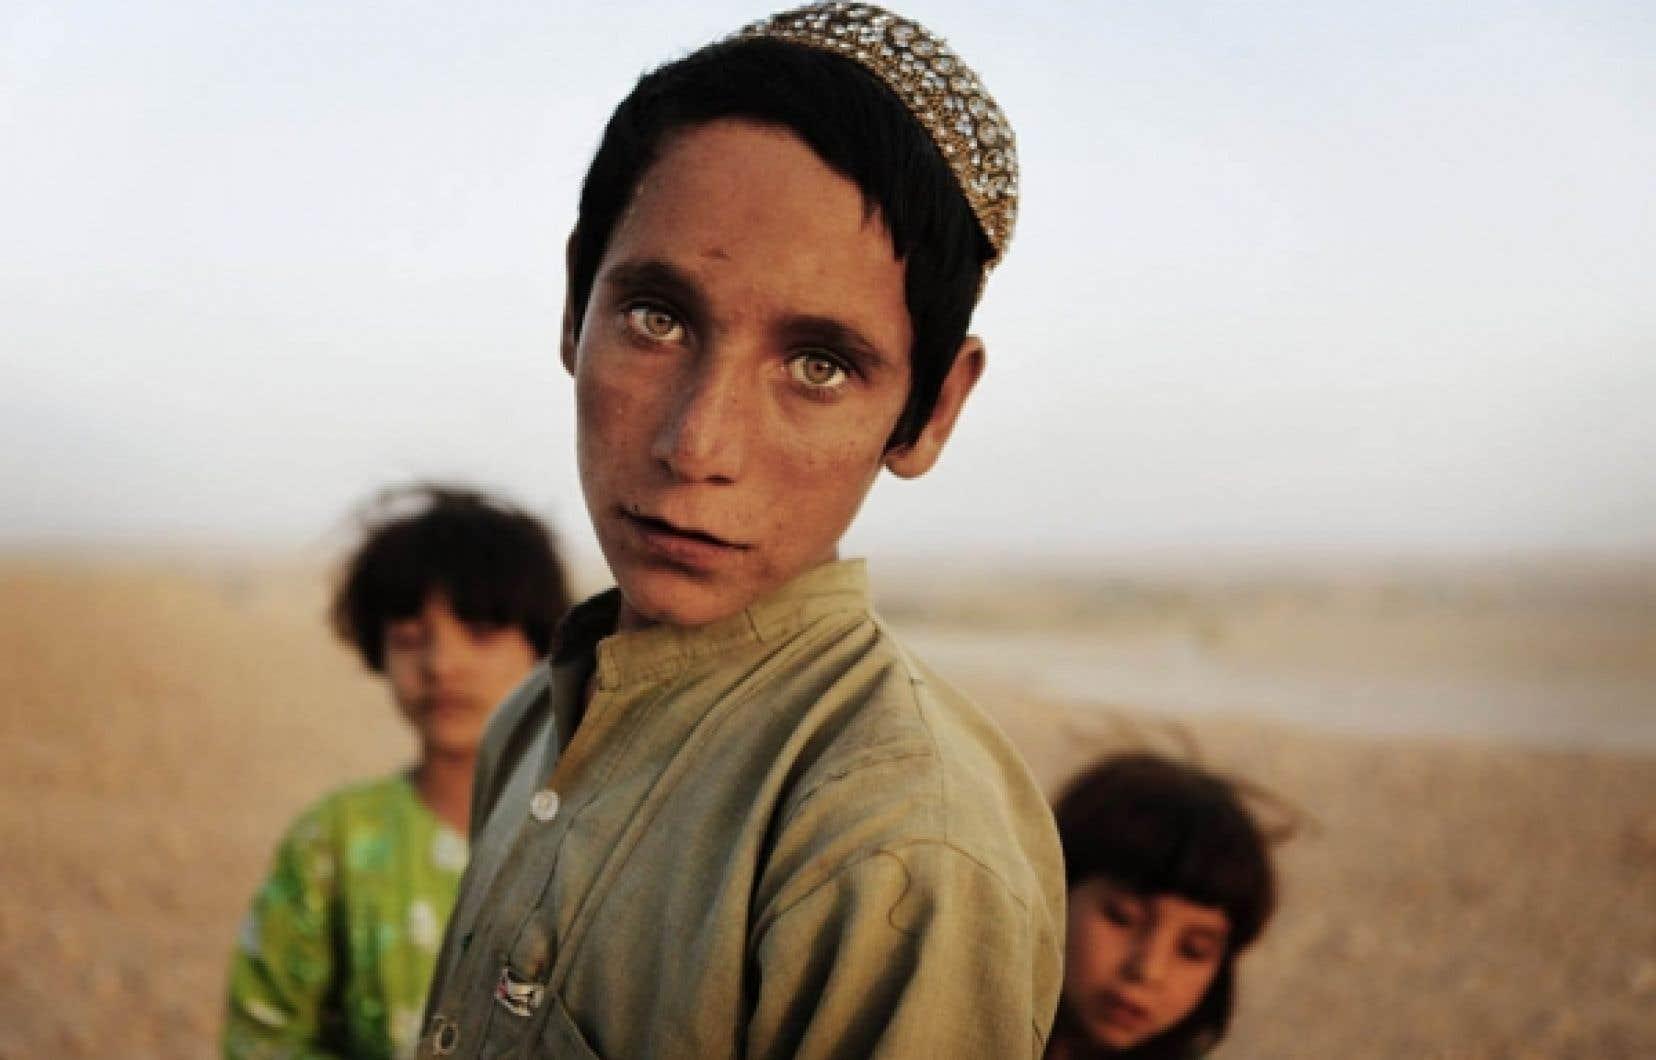 Enfants afghans hier dans la province de Helmand, théâtre des combats les plus violents en Afghanistan.<br />